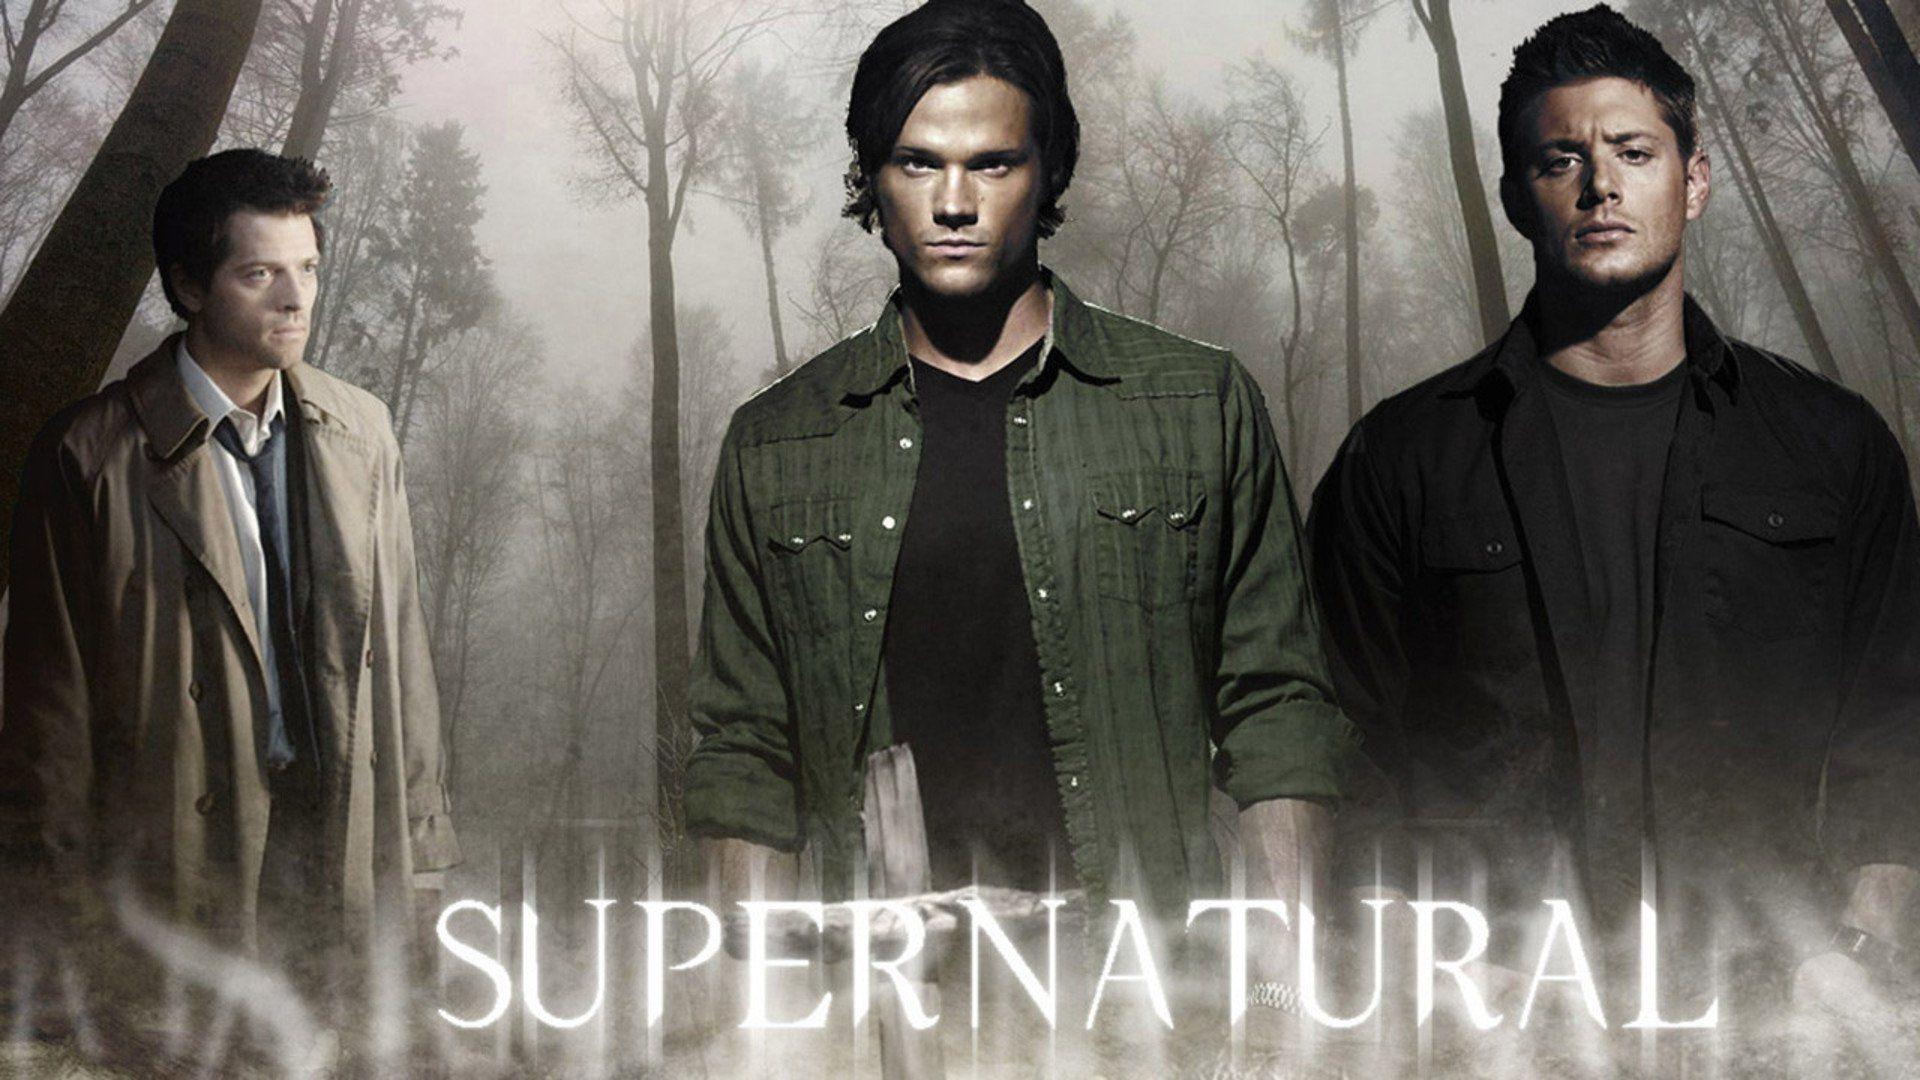 supernatural season 1 episode 1 free